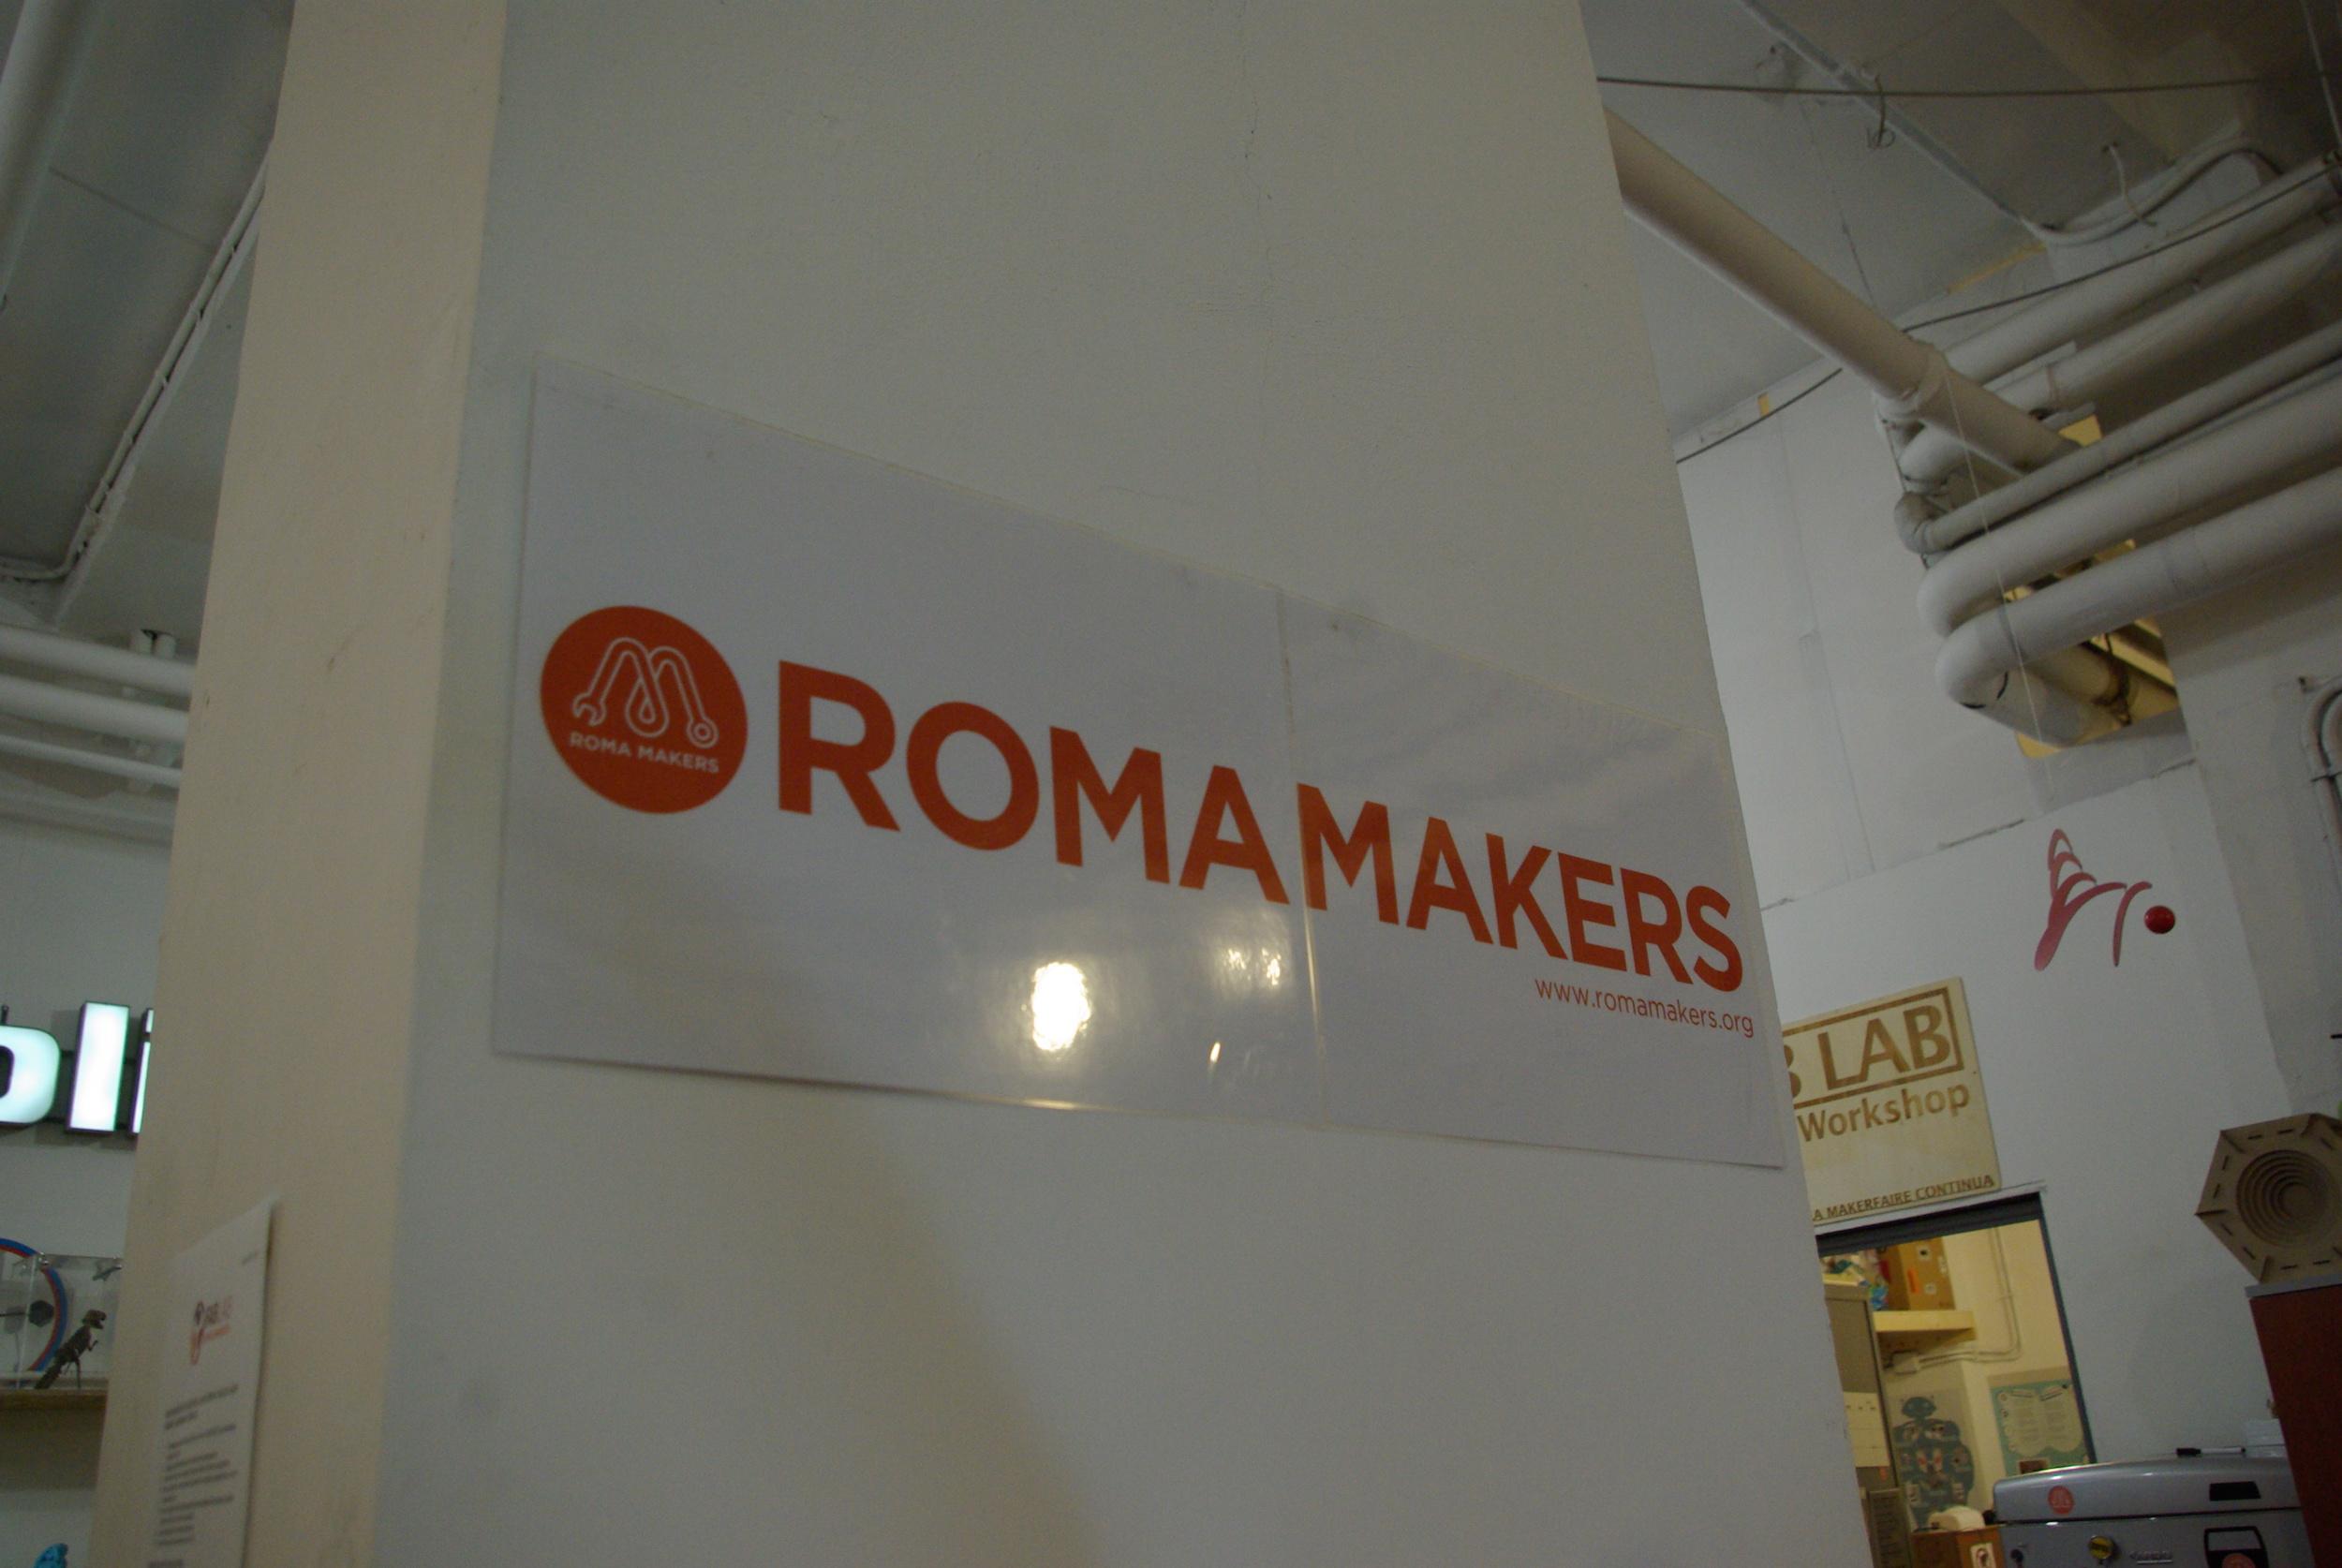 Roma makers è un'associazione di promozione sociale, e l'ingresso al FabLab è aperto a tutti